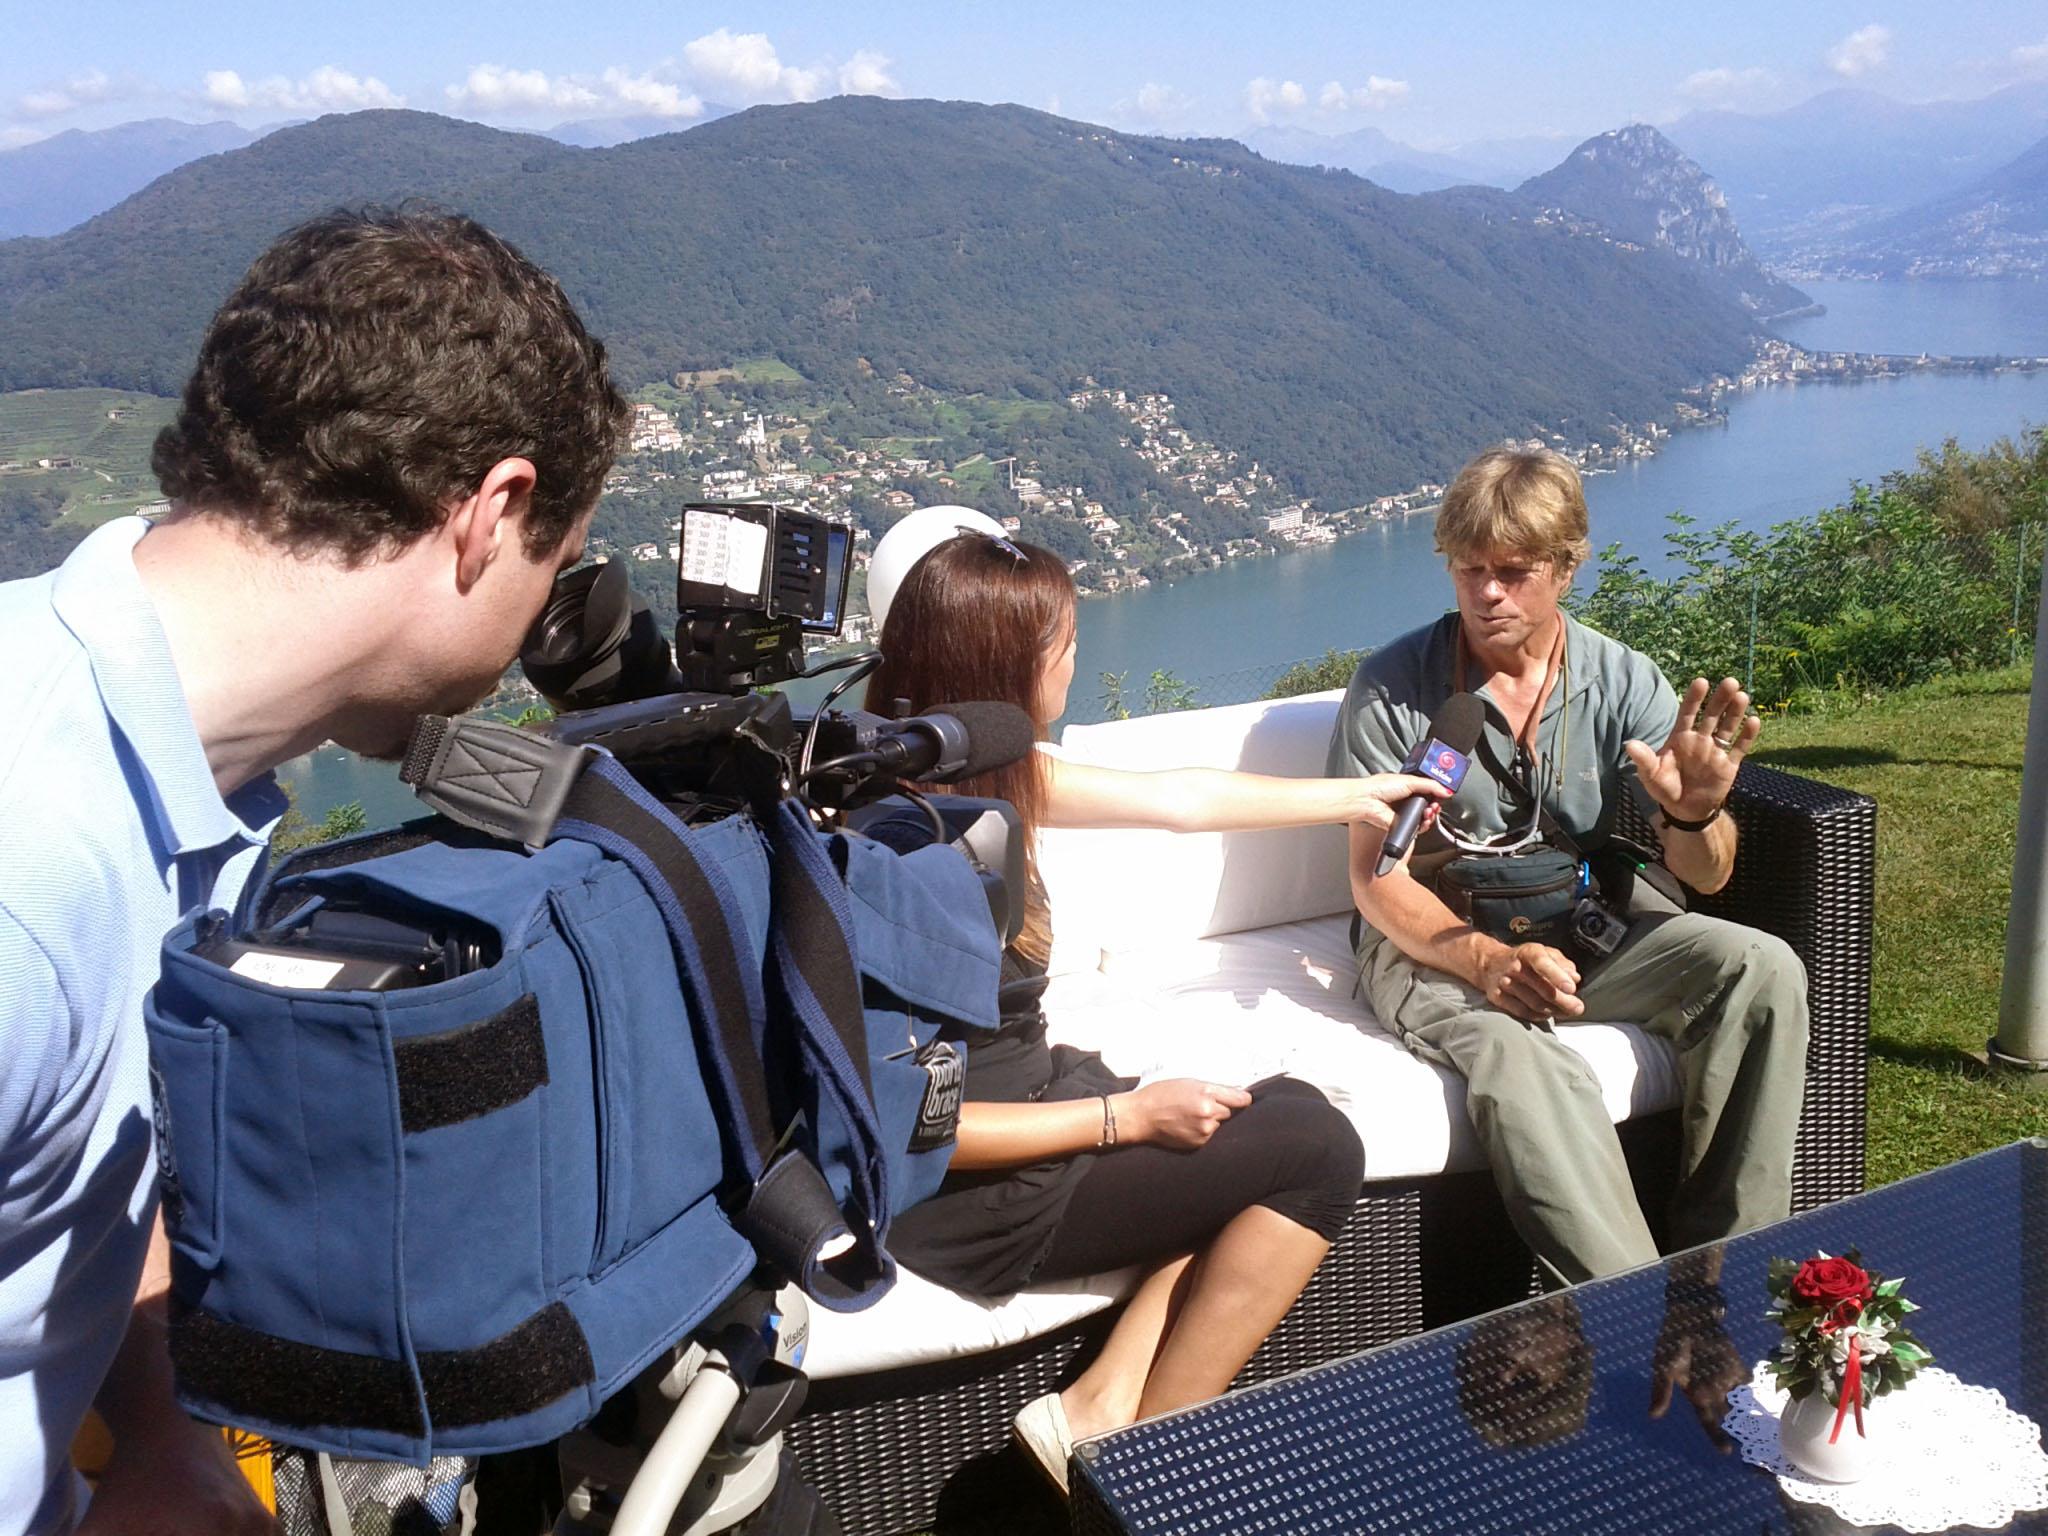 """13 de agosto de 2011: """"Uma entrevista para a televisão privada no cantão do Ticino emSerpiano."""""""